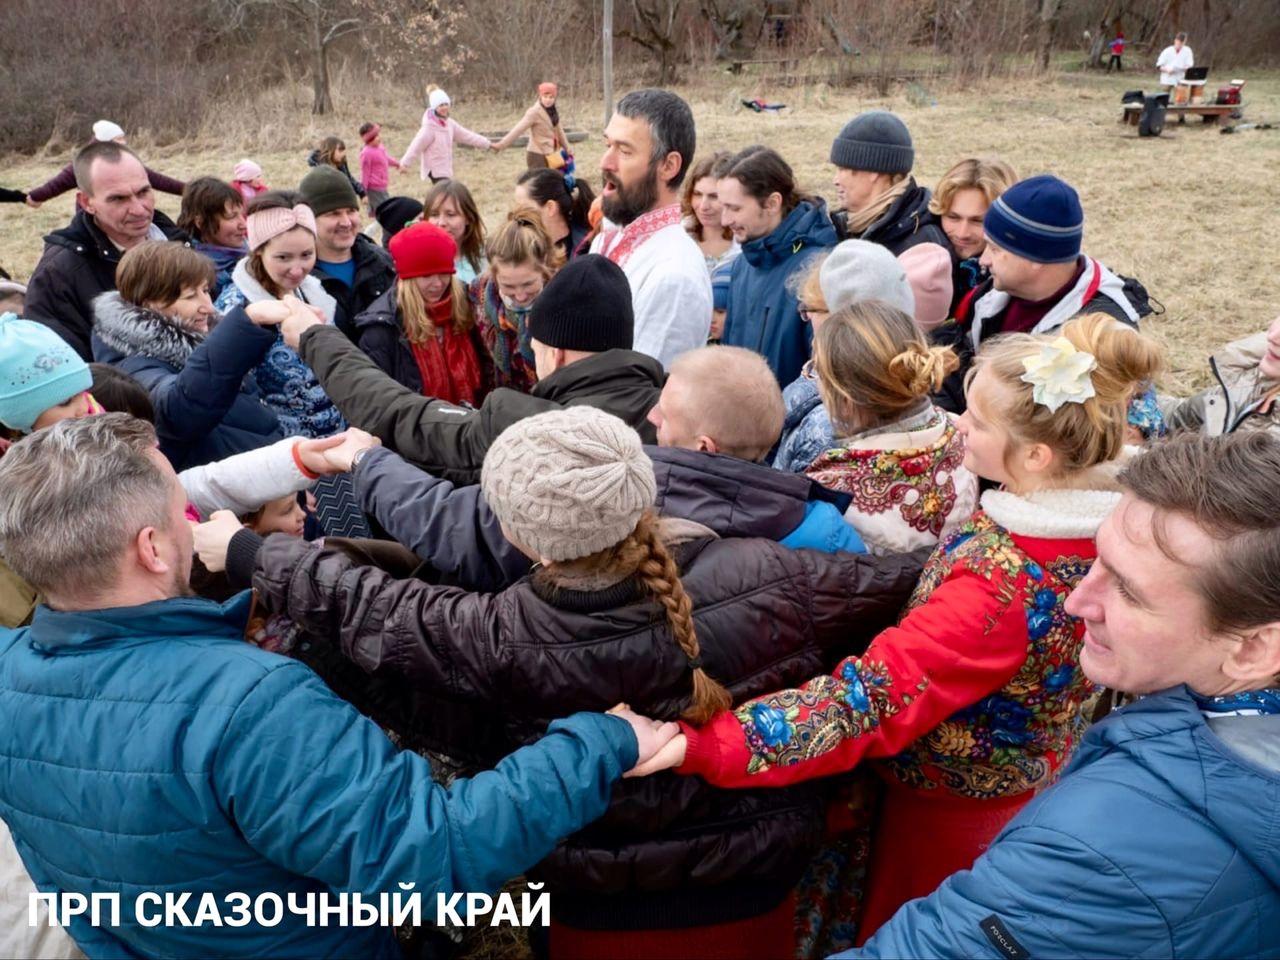 Встреча весны в поселении Сказочный край (8).jpg